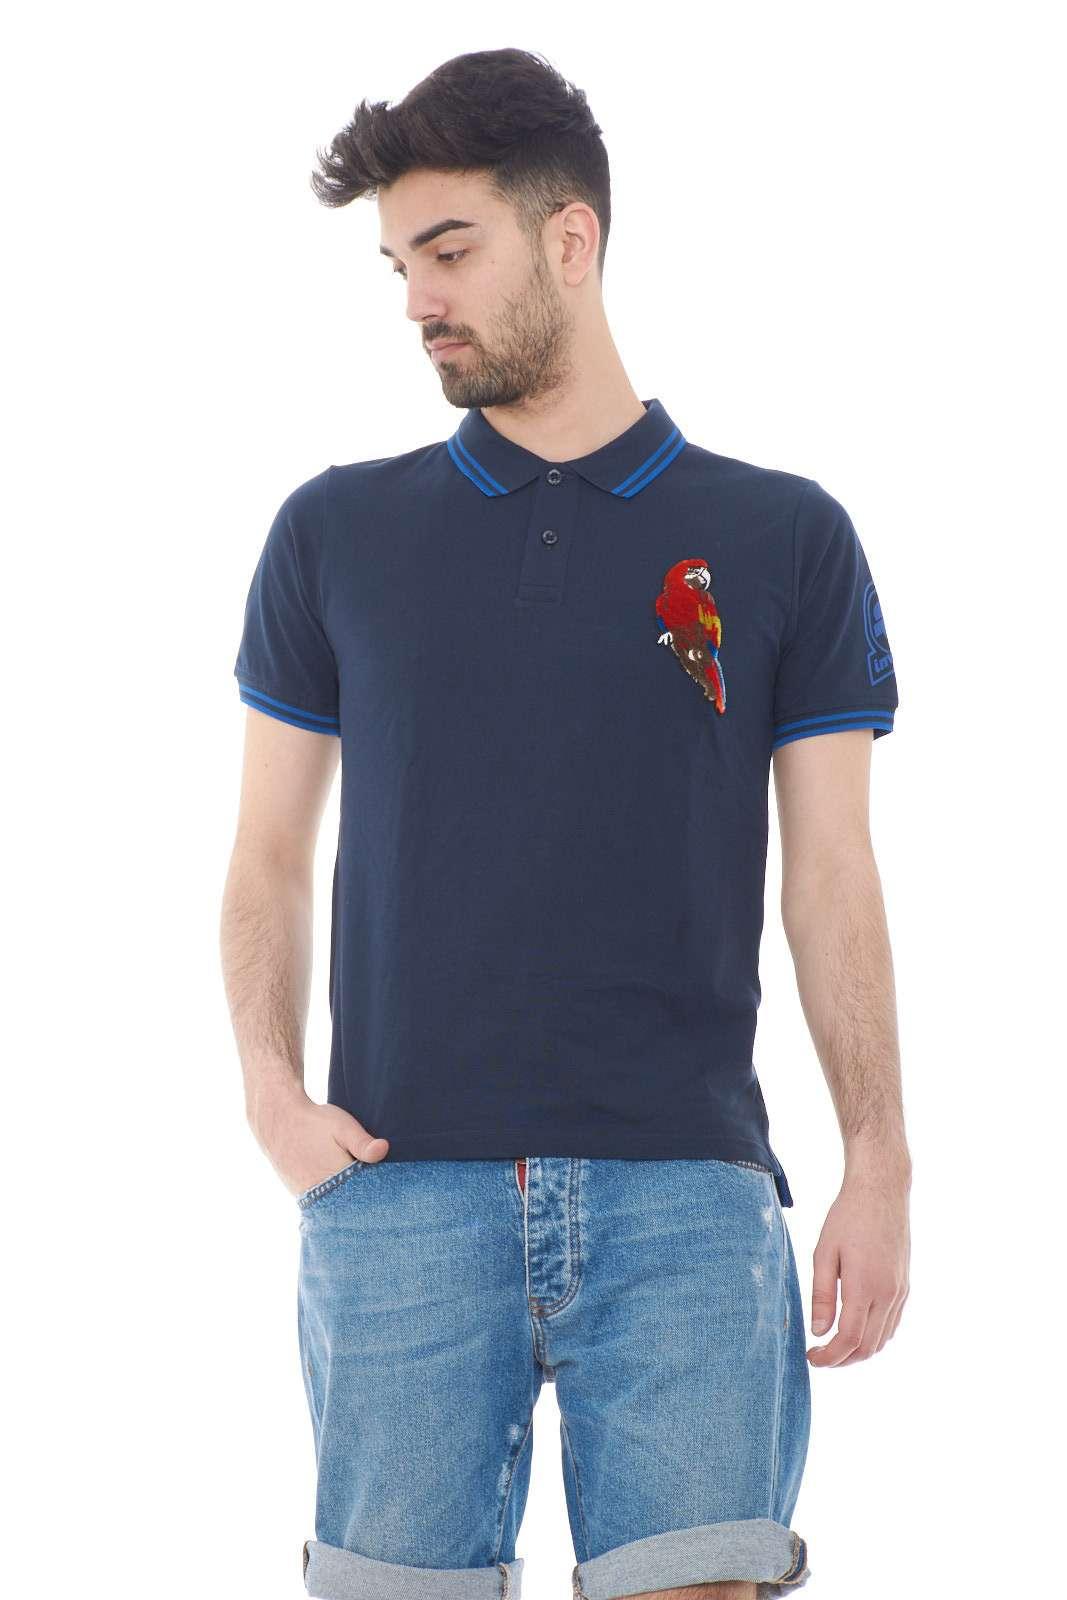 Versatile e casual, la polo firmata Invicta Icon, per l'uomo che ama capi estivi freschi e alla moda. Fantastica da sfoggiare per il tempo libero e la routine, dove con un jeans, o un semplice bermuda creerai uno stile davvero impeccabile.